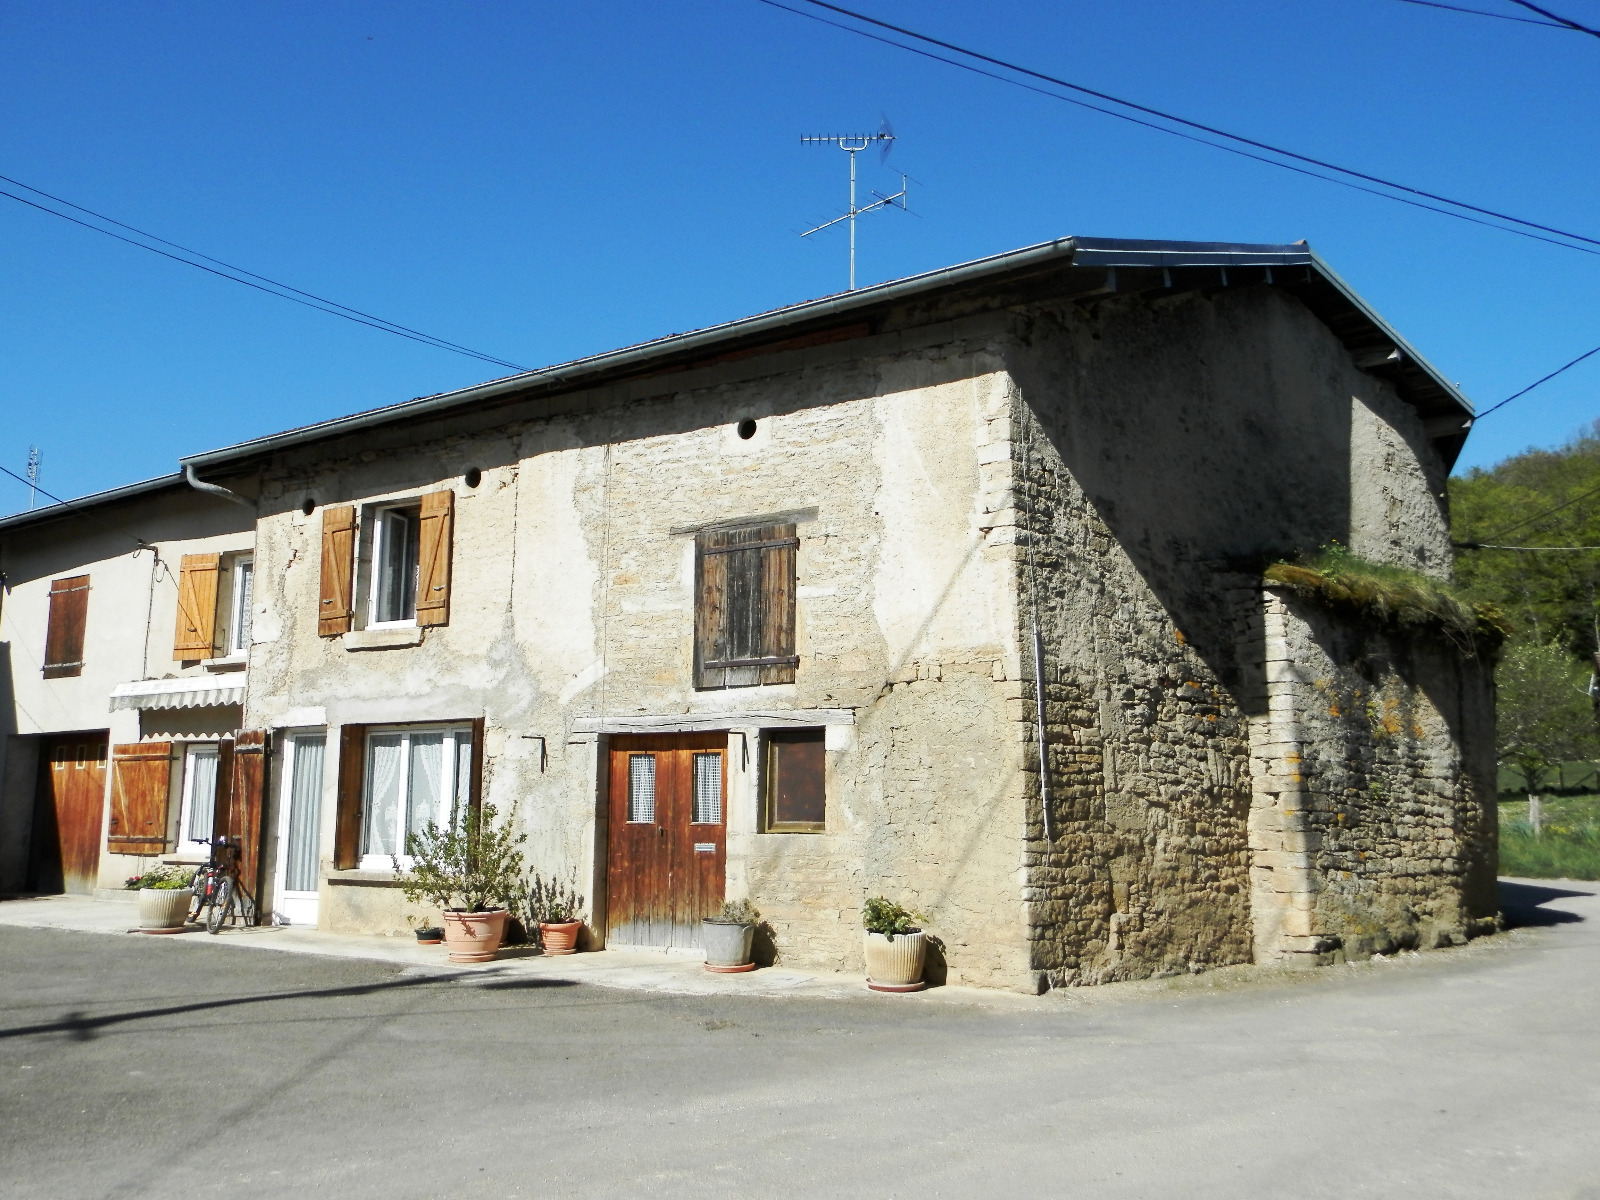 Vente saint julien 39 jura maison de village en pierre for Vente maison jura